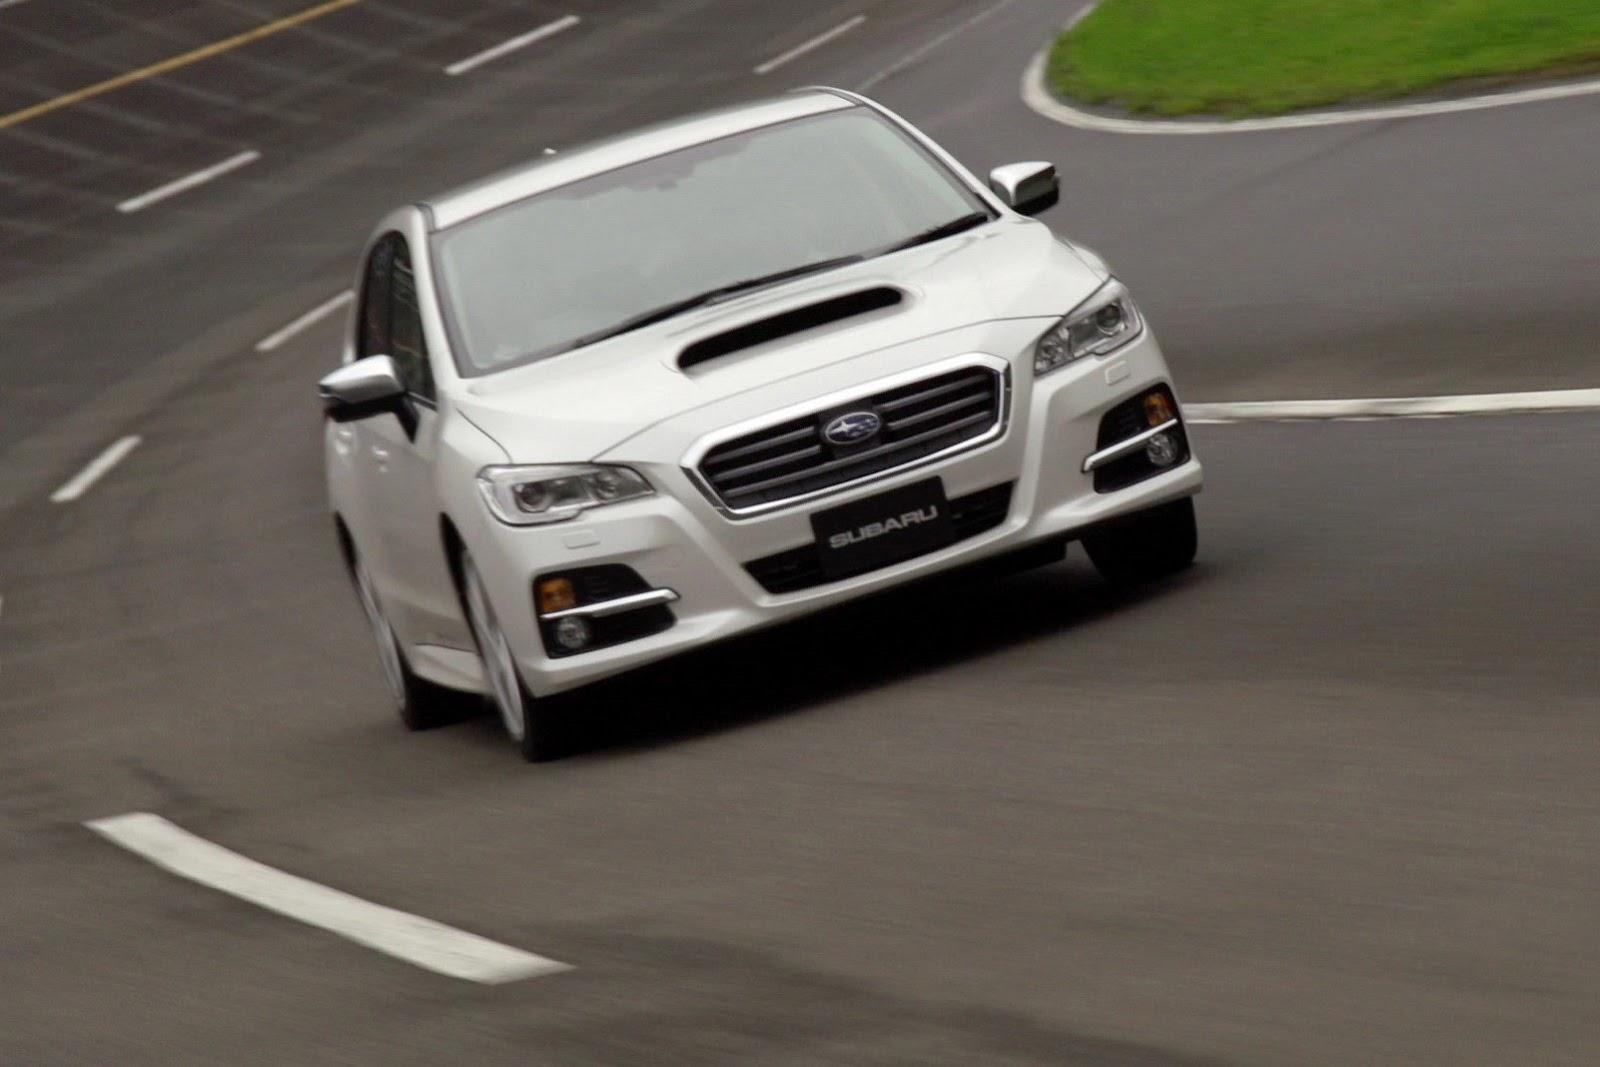 2013 - [Subaru] Levorg Subaru-Levorg-Concept-22%25255B2%25255D